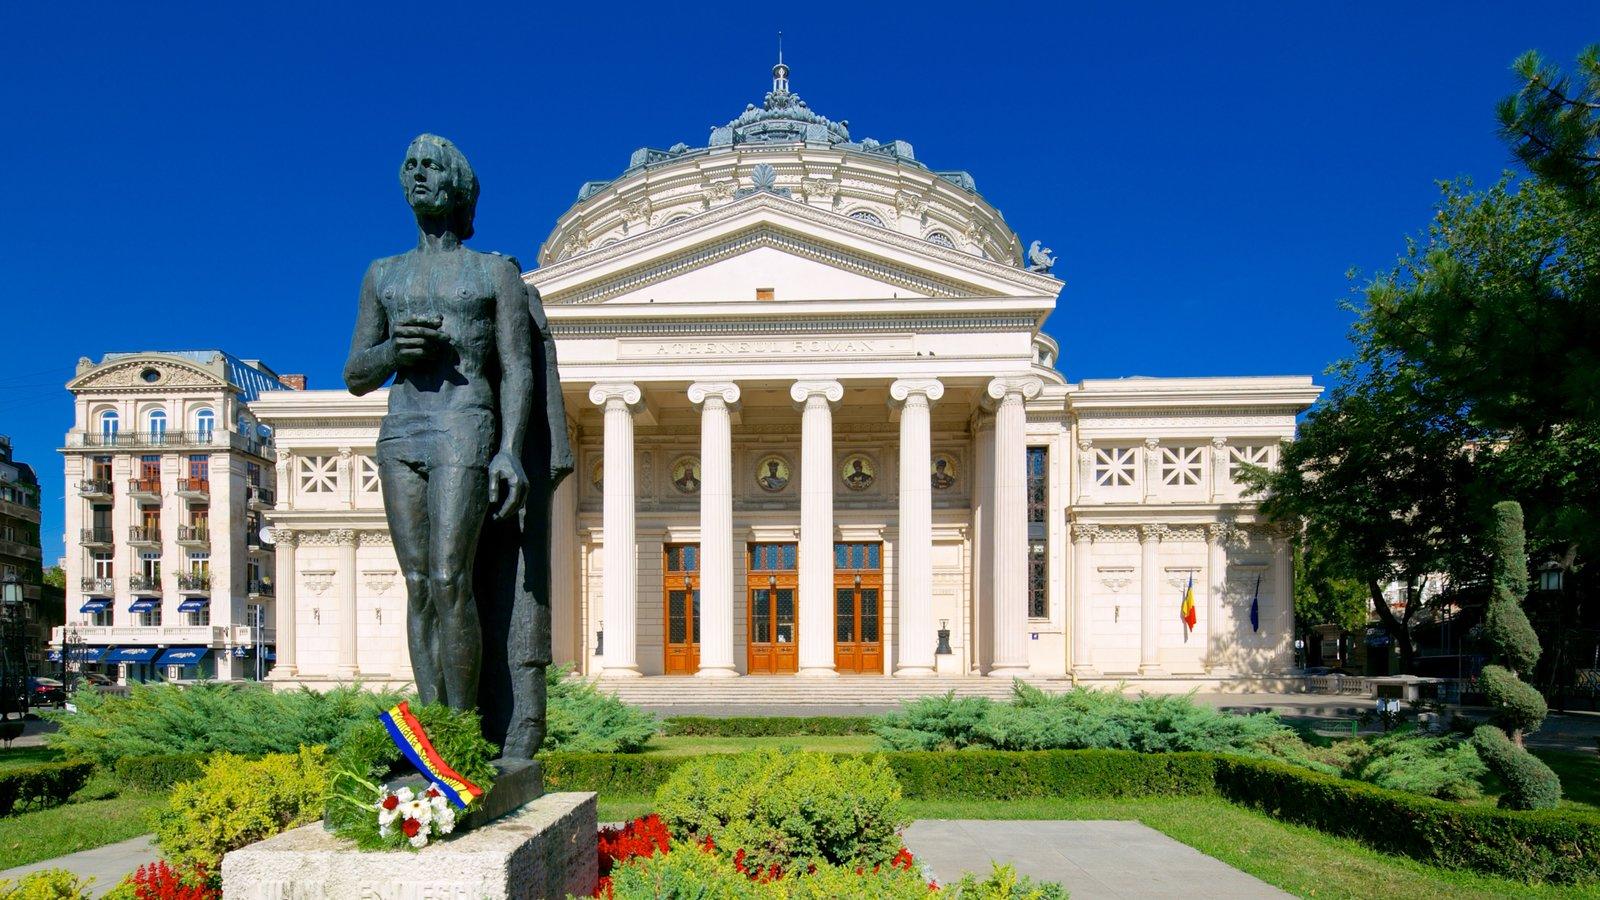 """Festivalul și Concursul """"George Enescu"""" țși va desfășura fazele finale la Ateneul Român,, în umbra statuii genialului și irepetabilului Mihai Eminescu"""